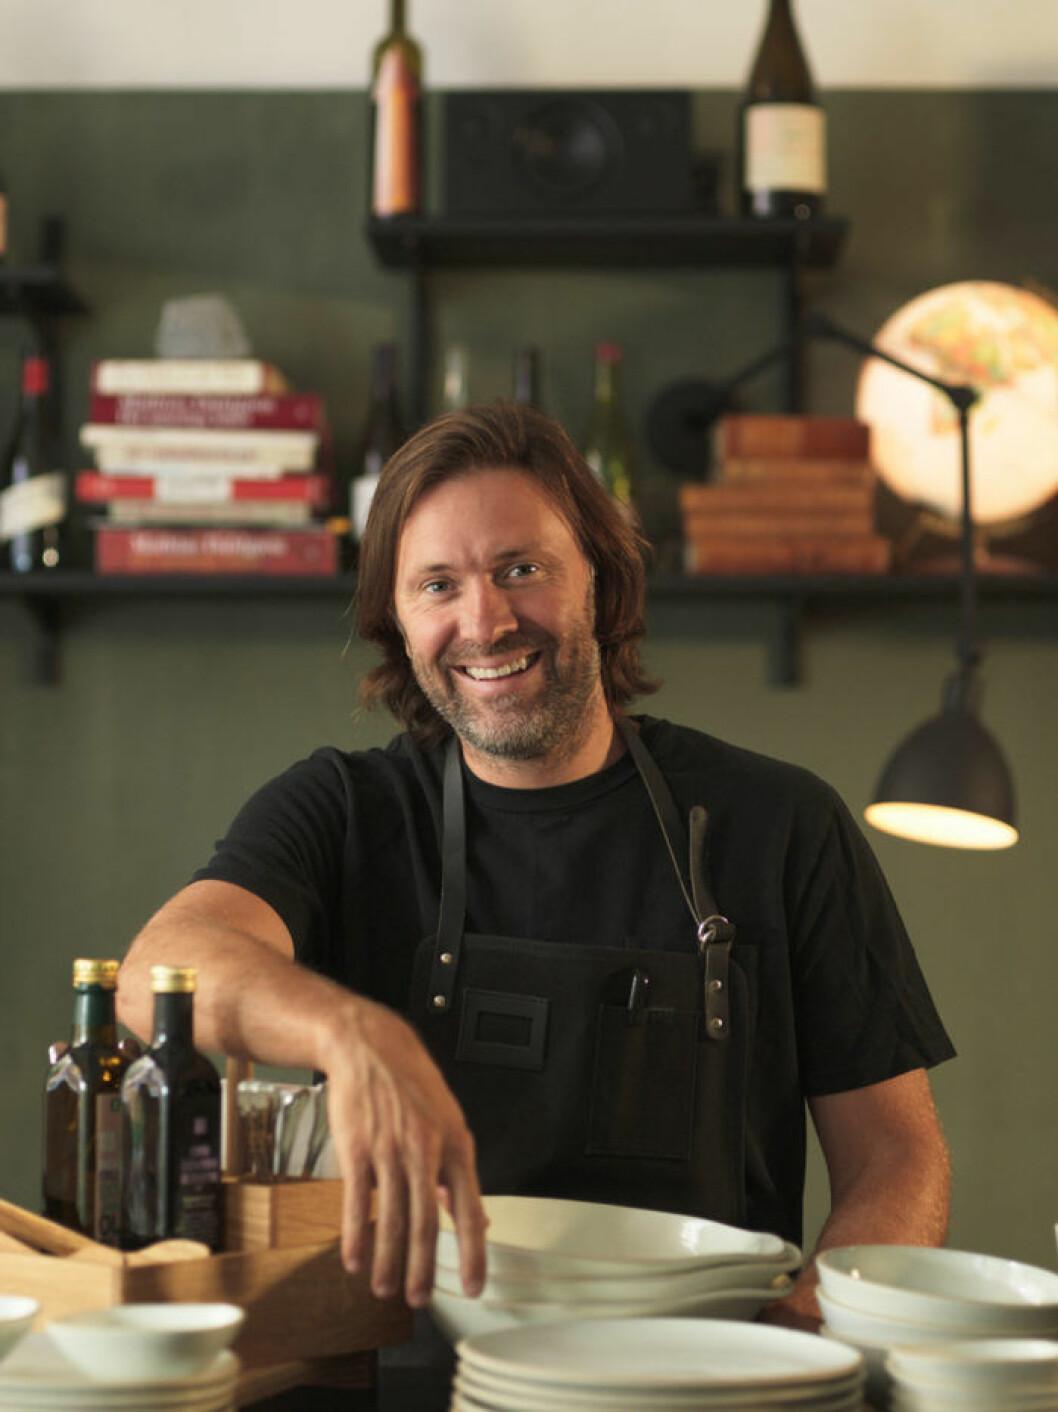 Niklas Ekstedt är känd både som TV-kock och kokboksförfattare.